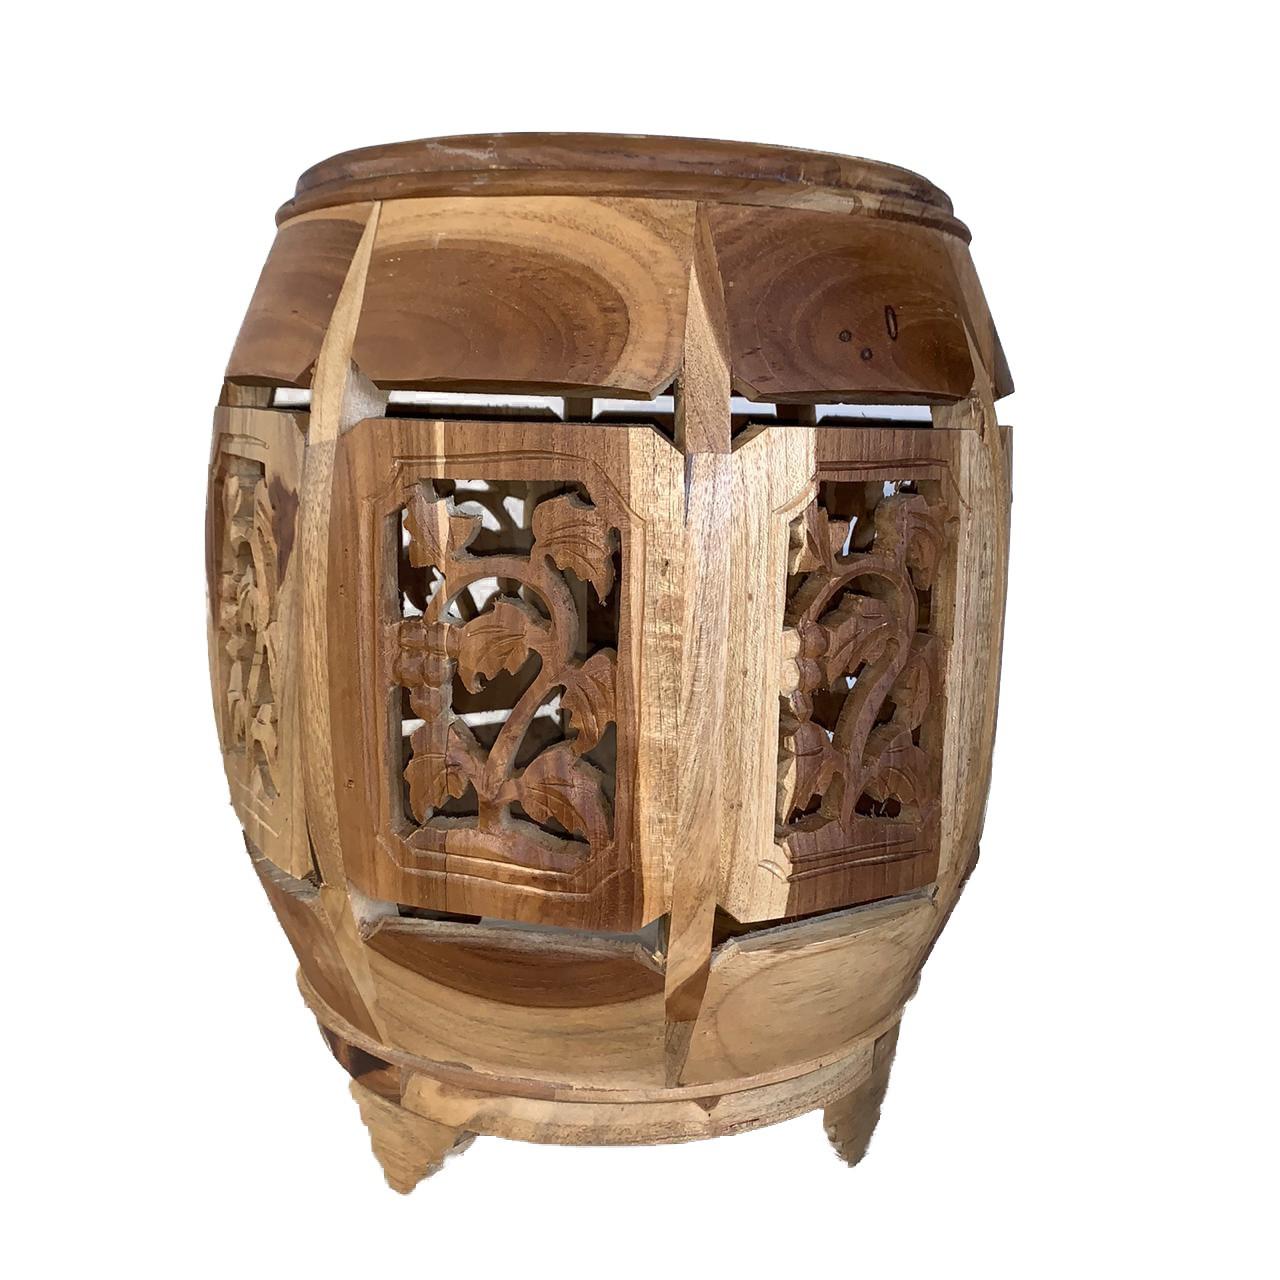 Banqueta em Madeira Teca com Escultura de Parreiras ( vinhedo ) (30x30x45cm)